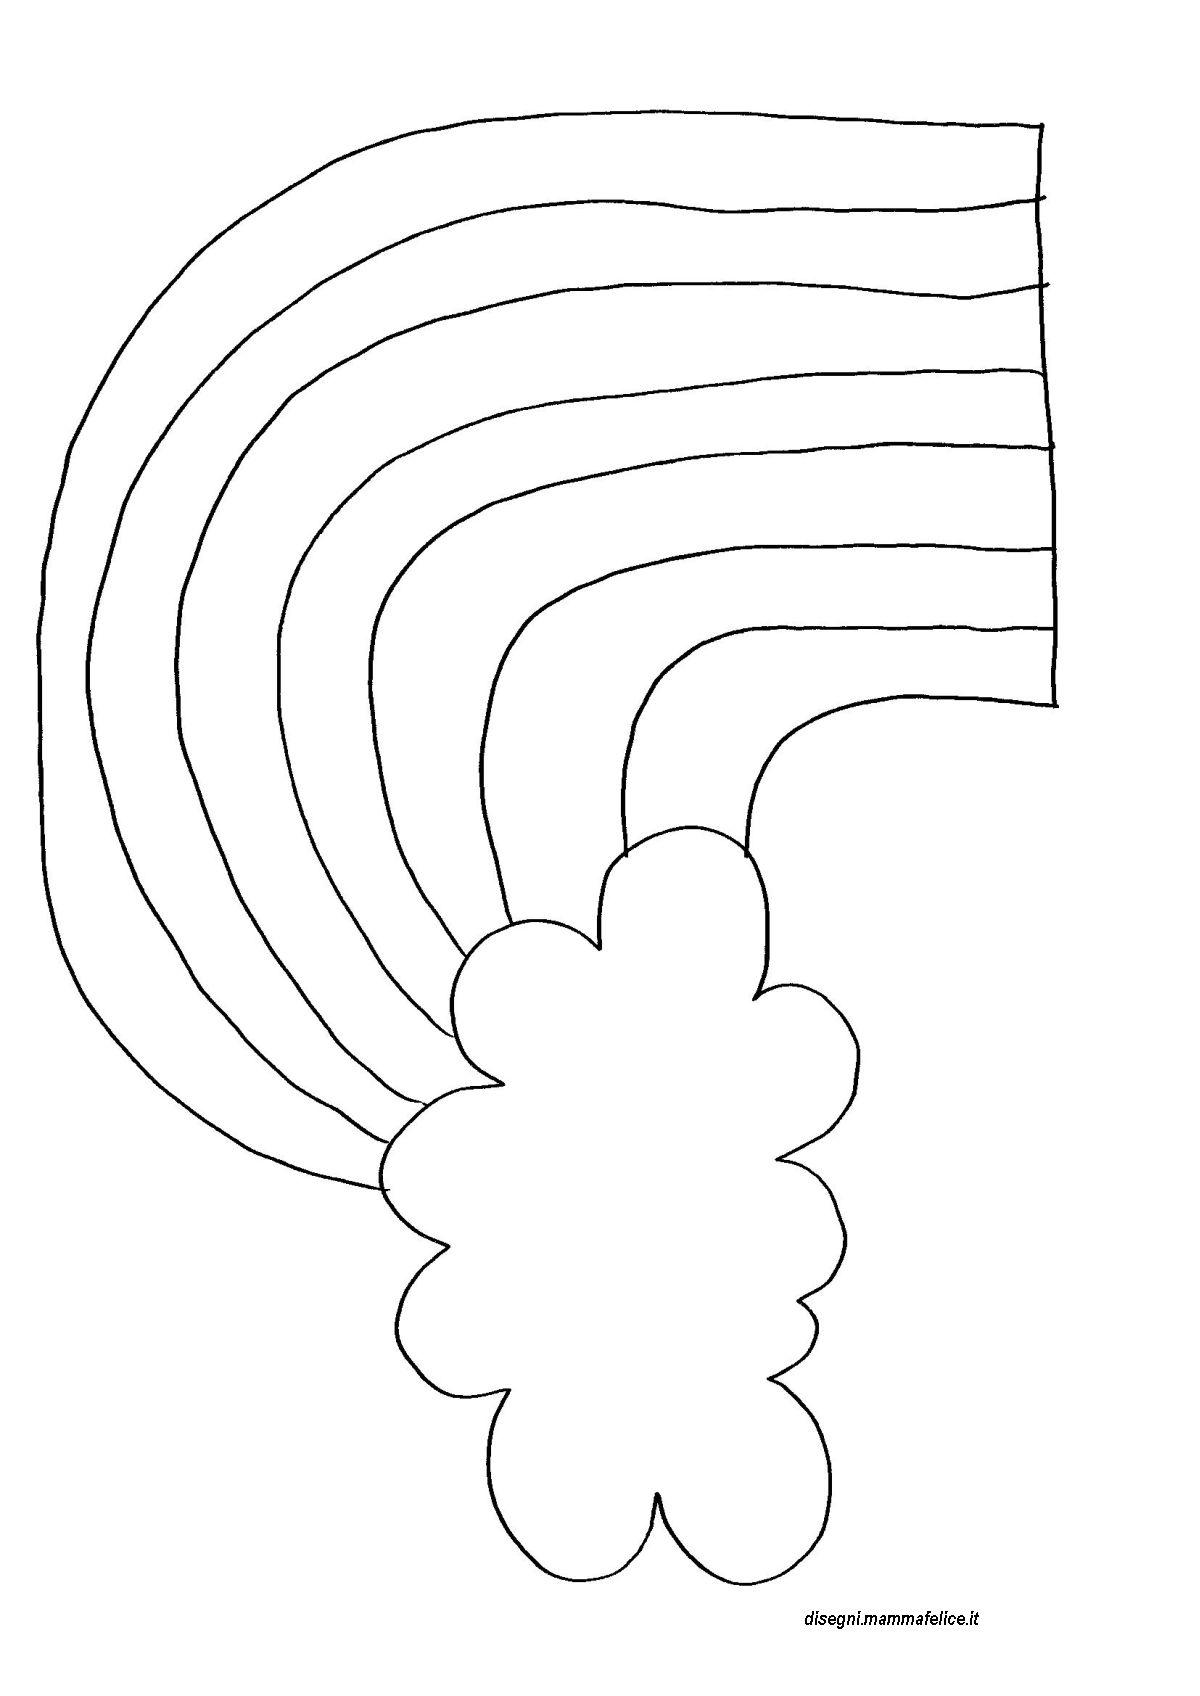 disegno da colorare arcobaleno disegni mammafelice